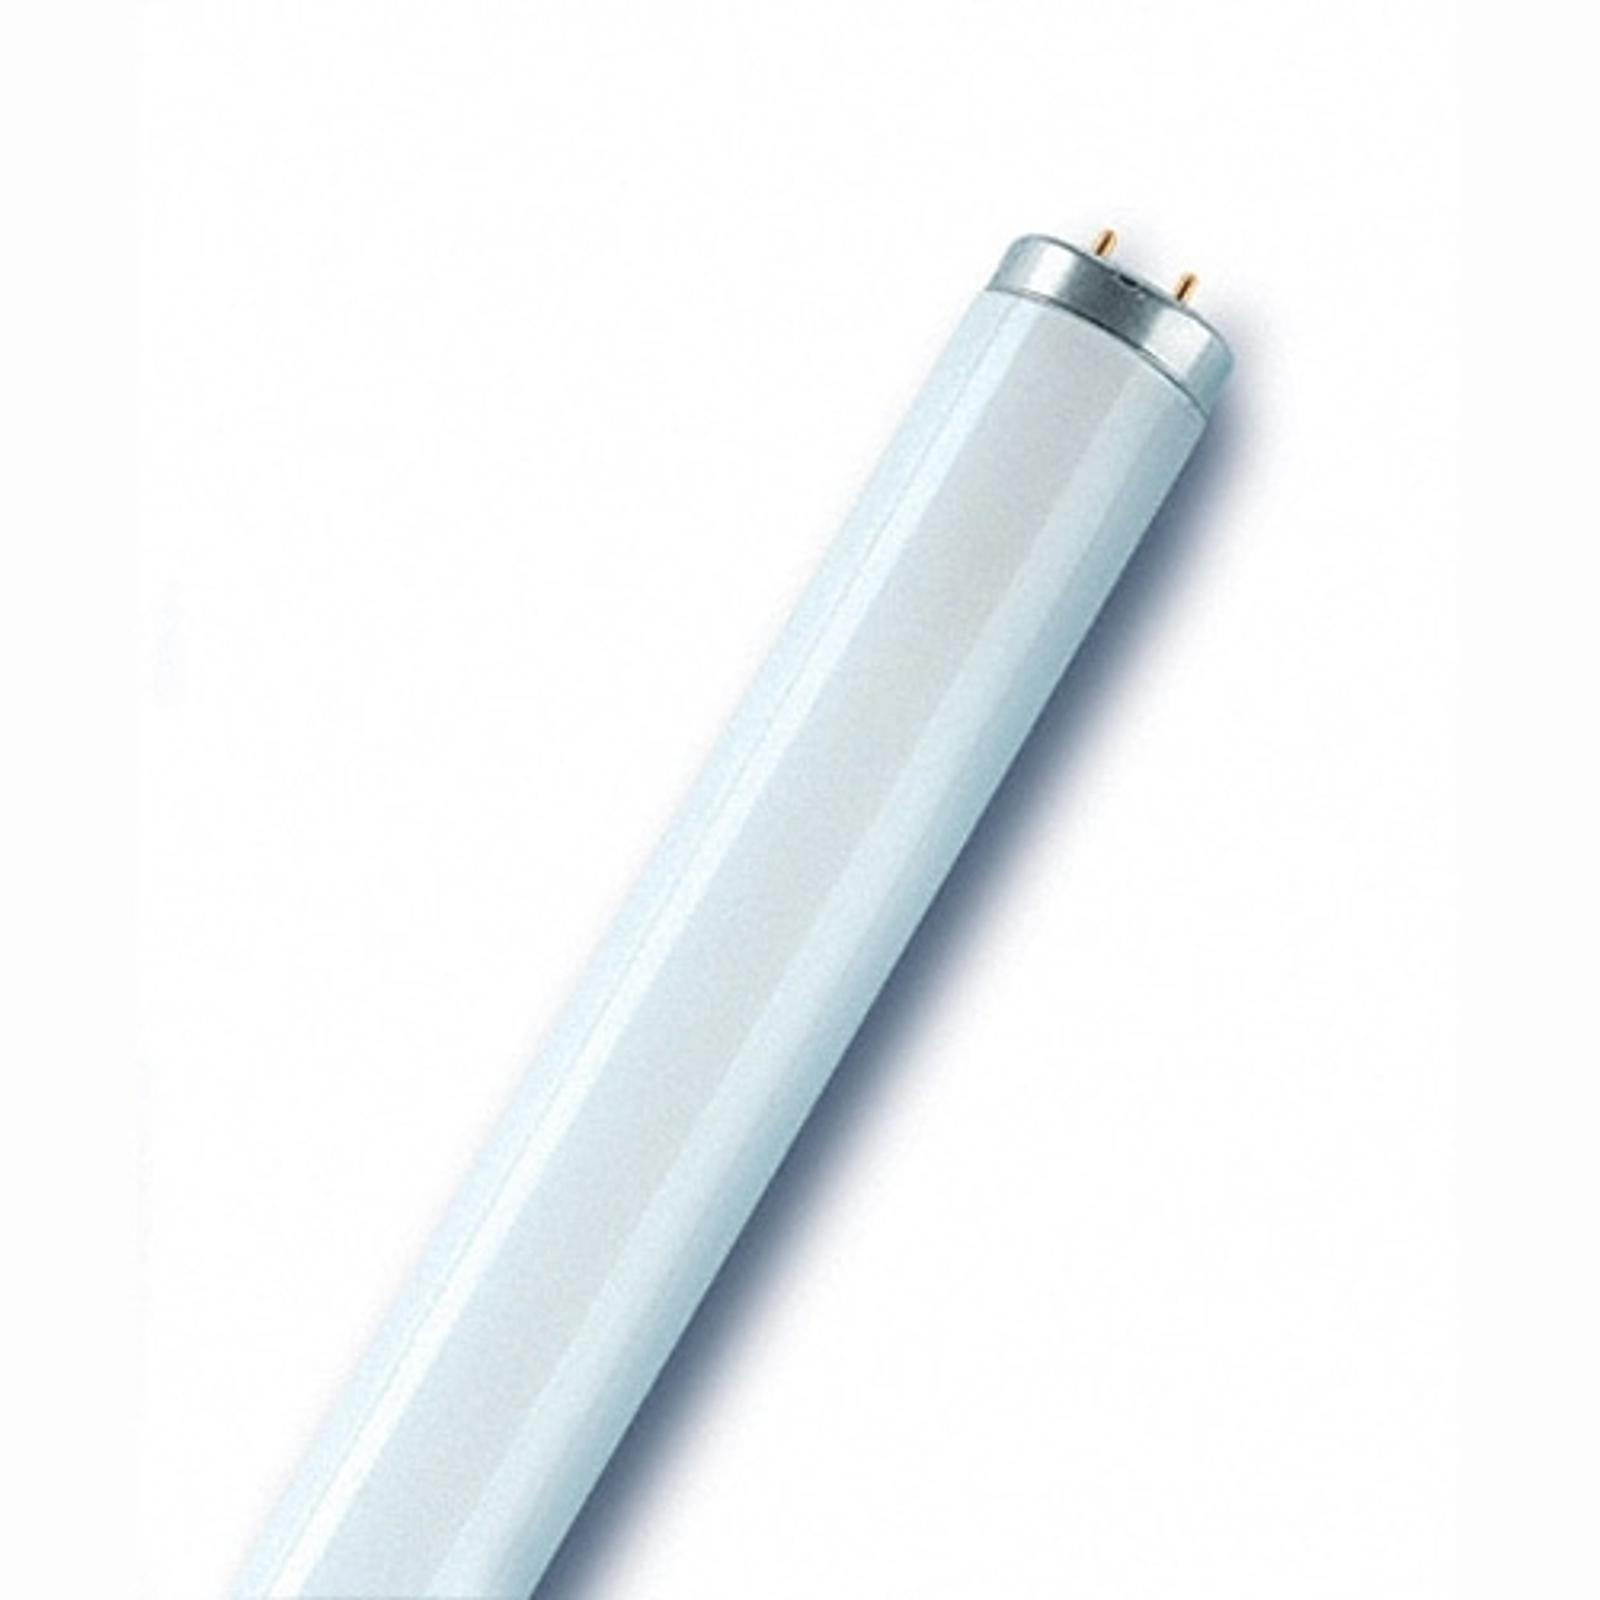 G13 T12 20W lysstofrør i SA udførelse